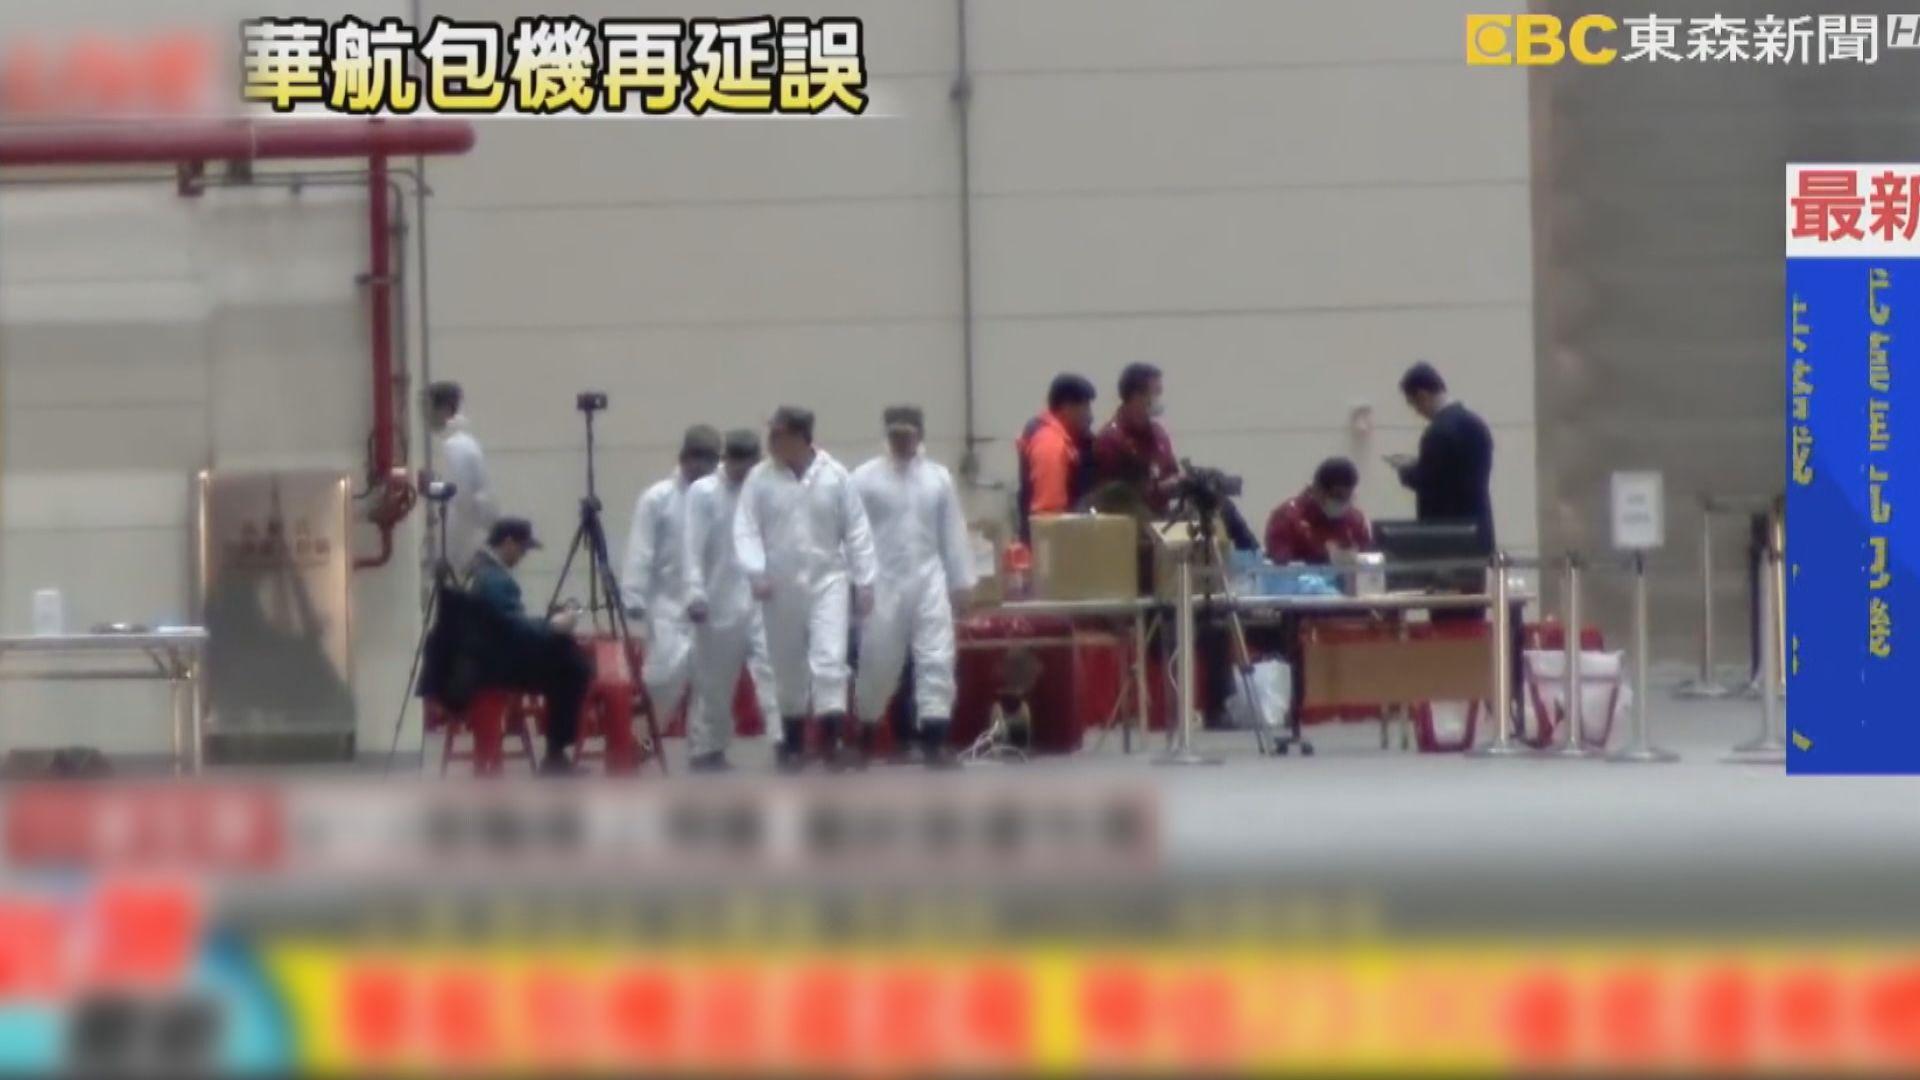 華航從武漢返台包機延近五小時起飛